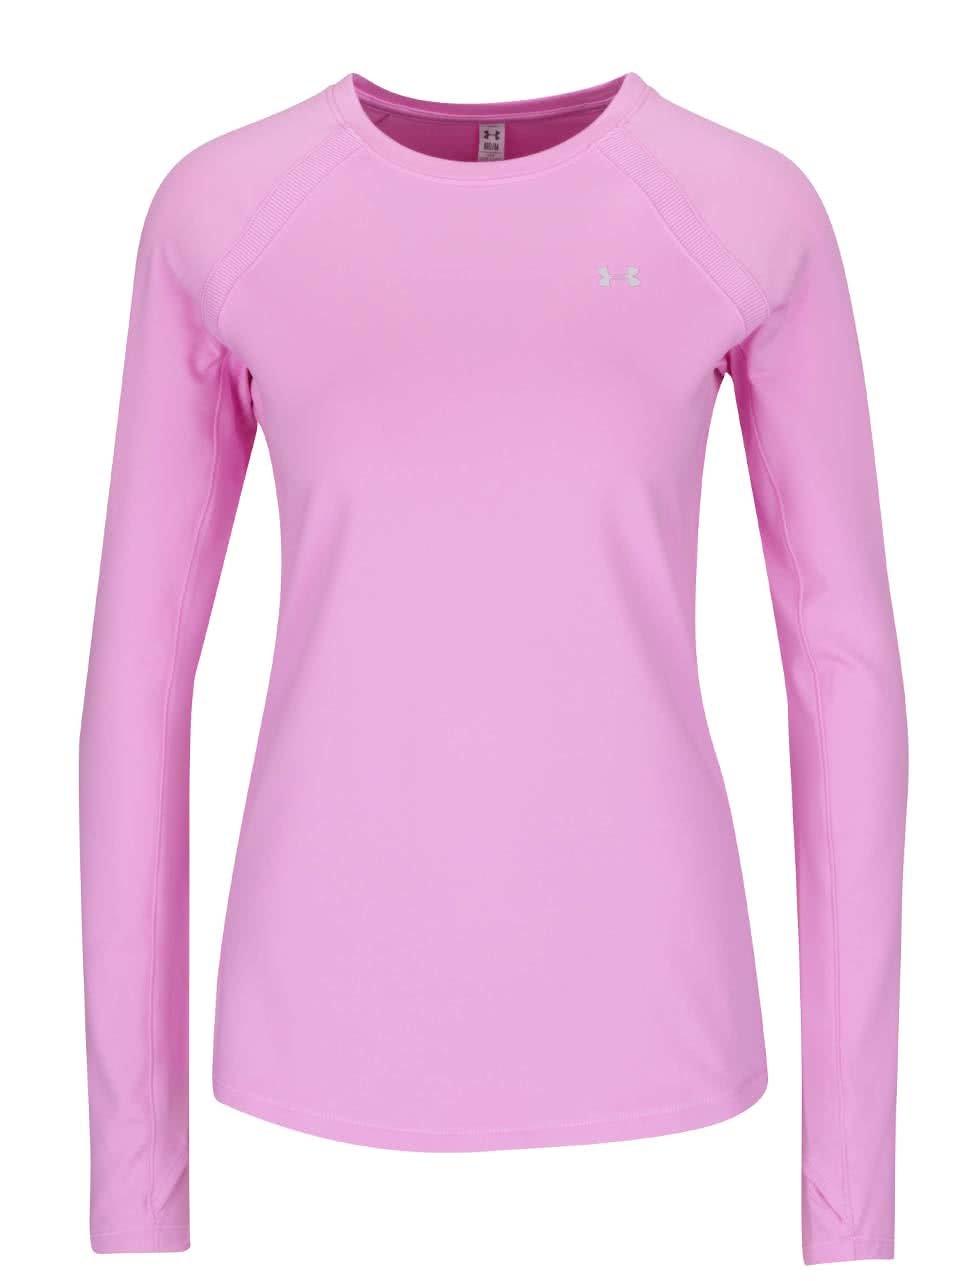 Ružové dámske funkčné tričko s dlhým rukávom Under Armour ColdGear Armour  Crew ... 14dcce4ad5a